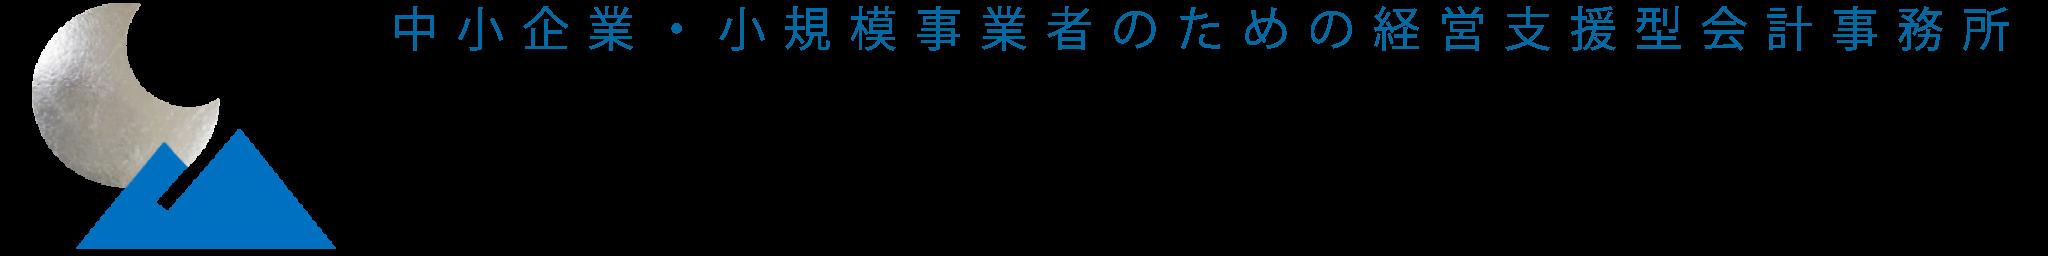 瀧熊公認会計士事務所/税理士法人タキグマ 株式会社ウルスパートナーズ